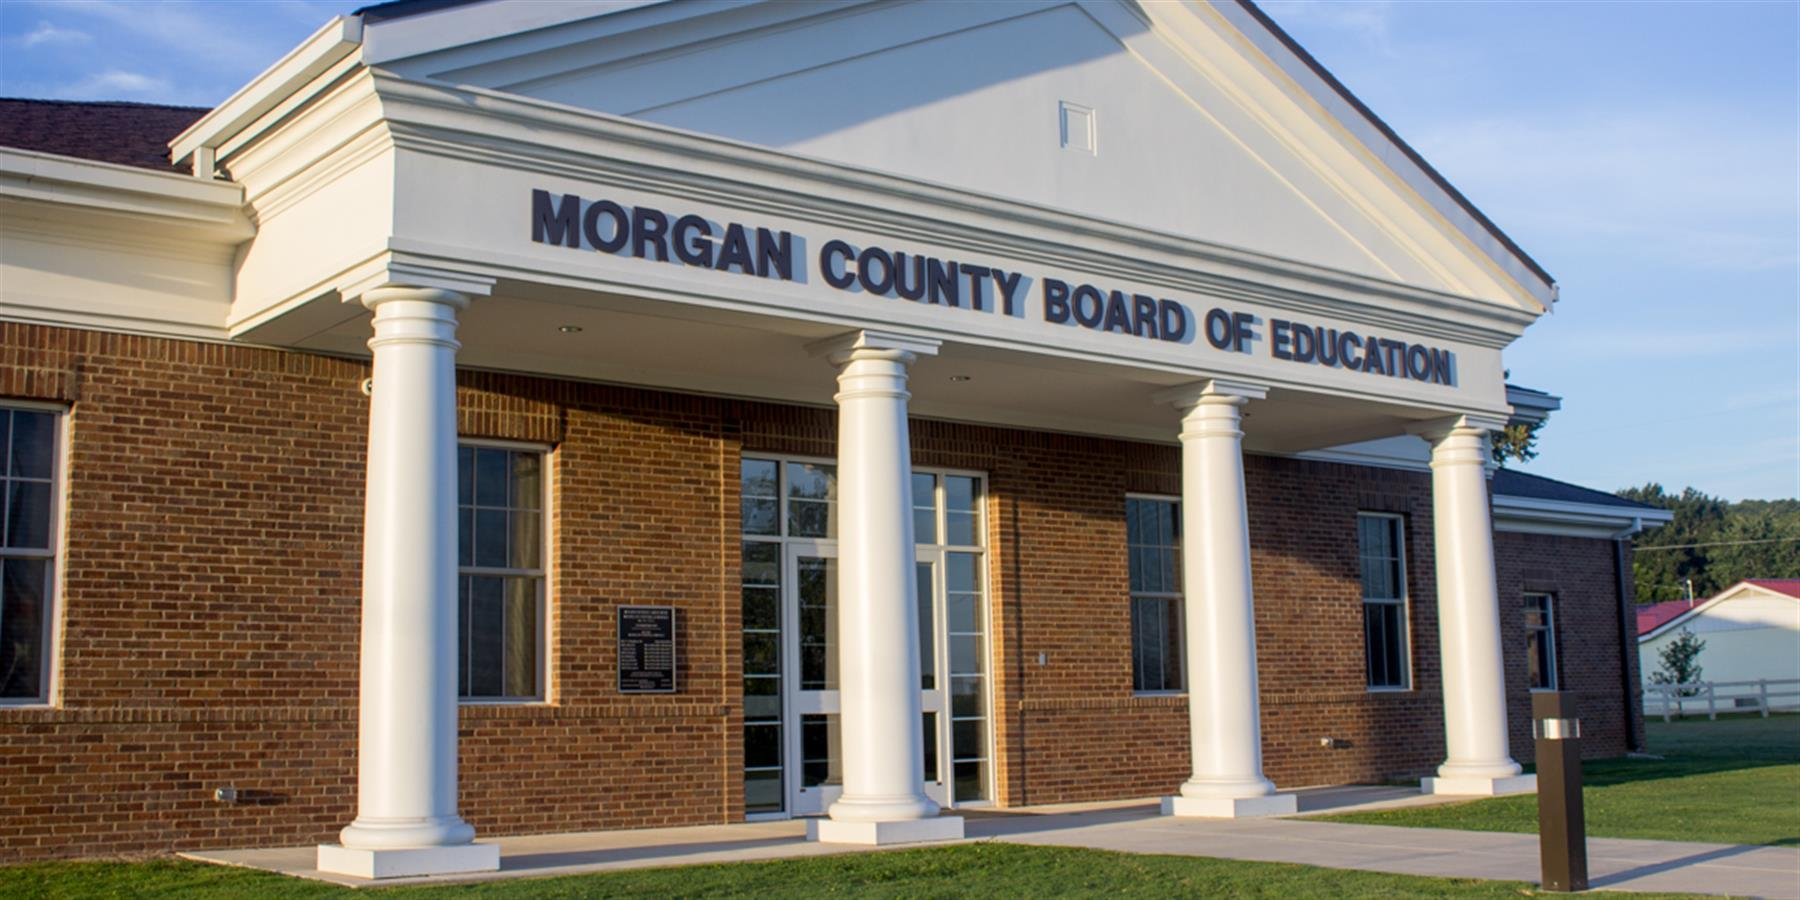 Morgan County School District Homepage